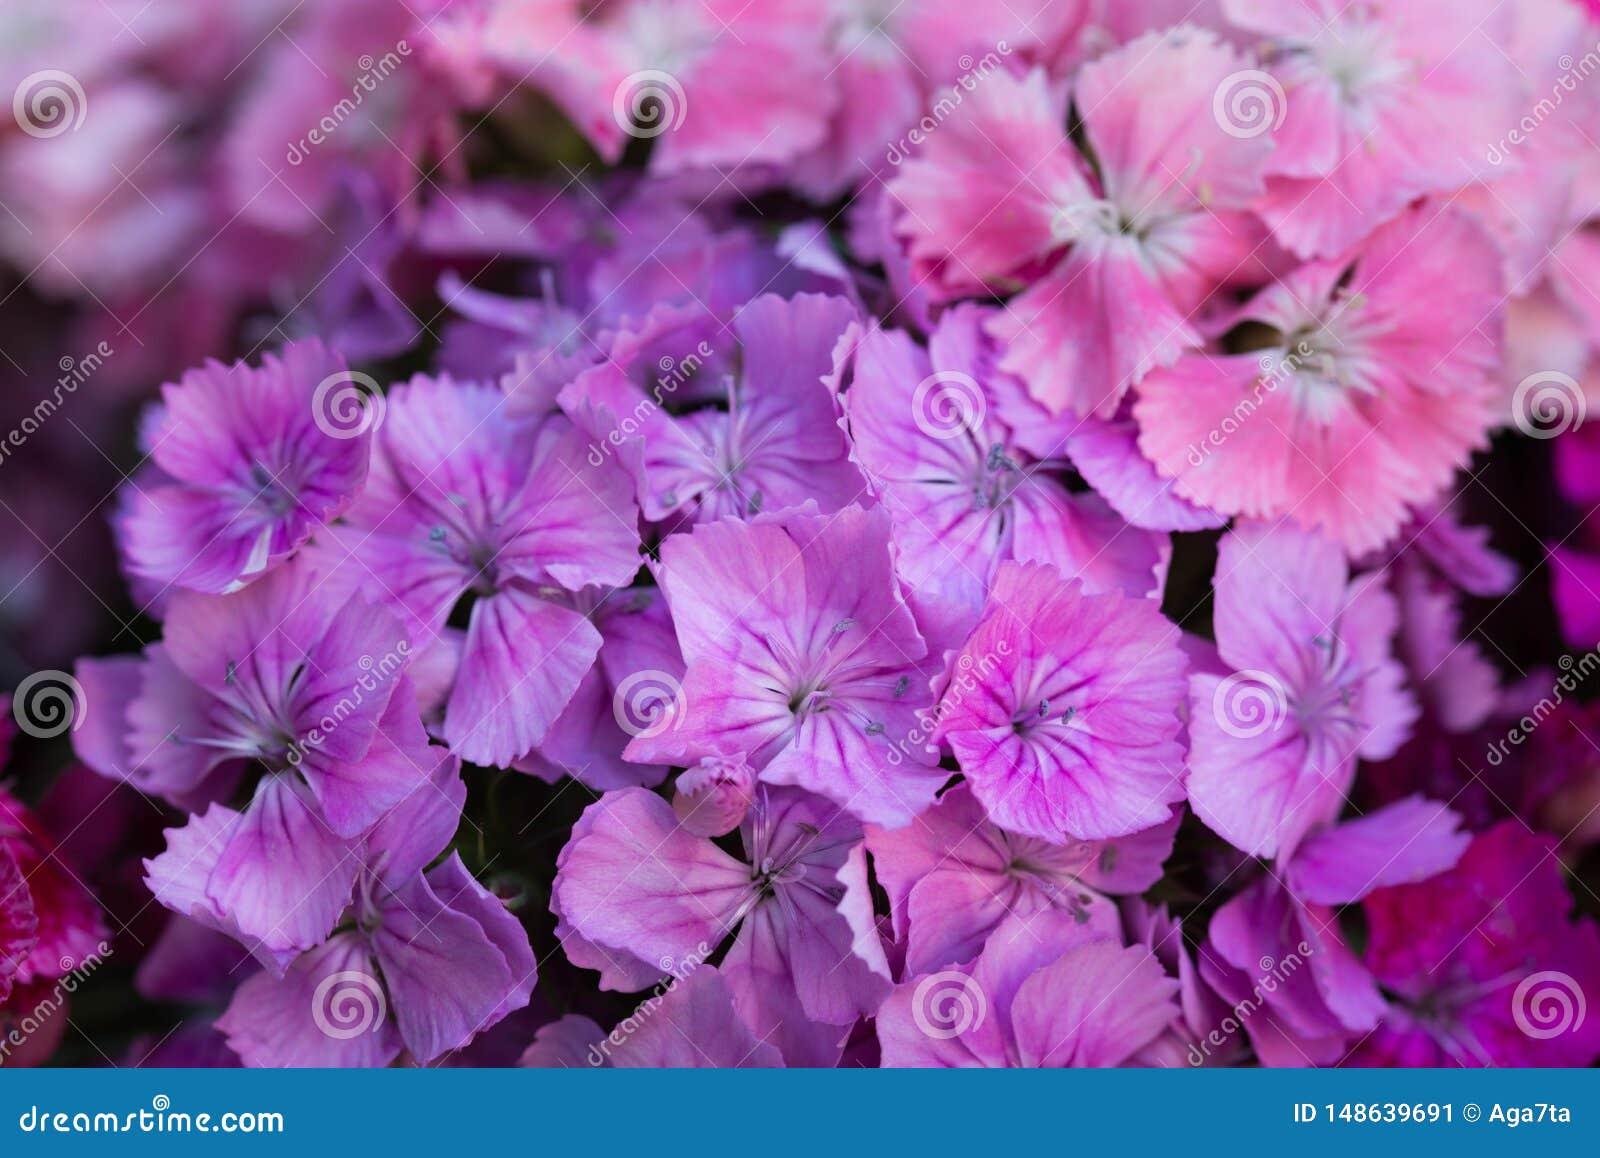 Barbatus гвоздики, сладкий макрос цветков Вильям розовый